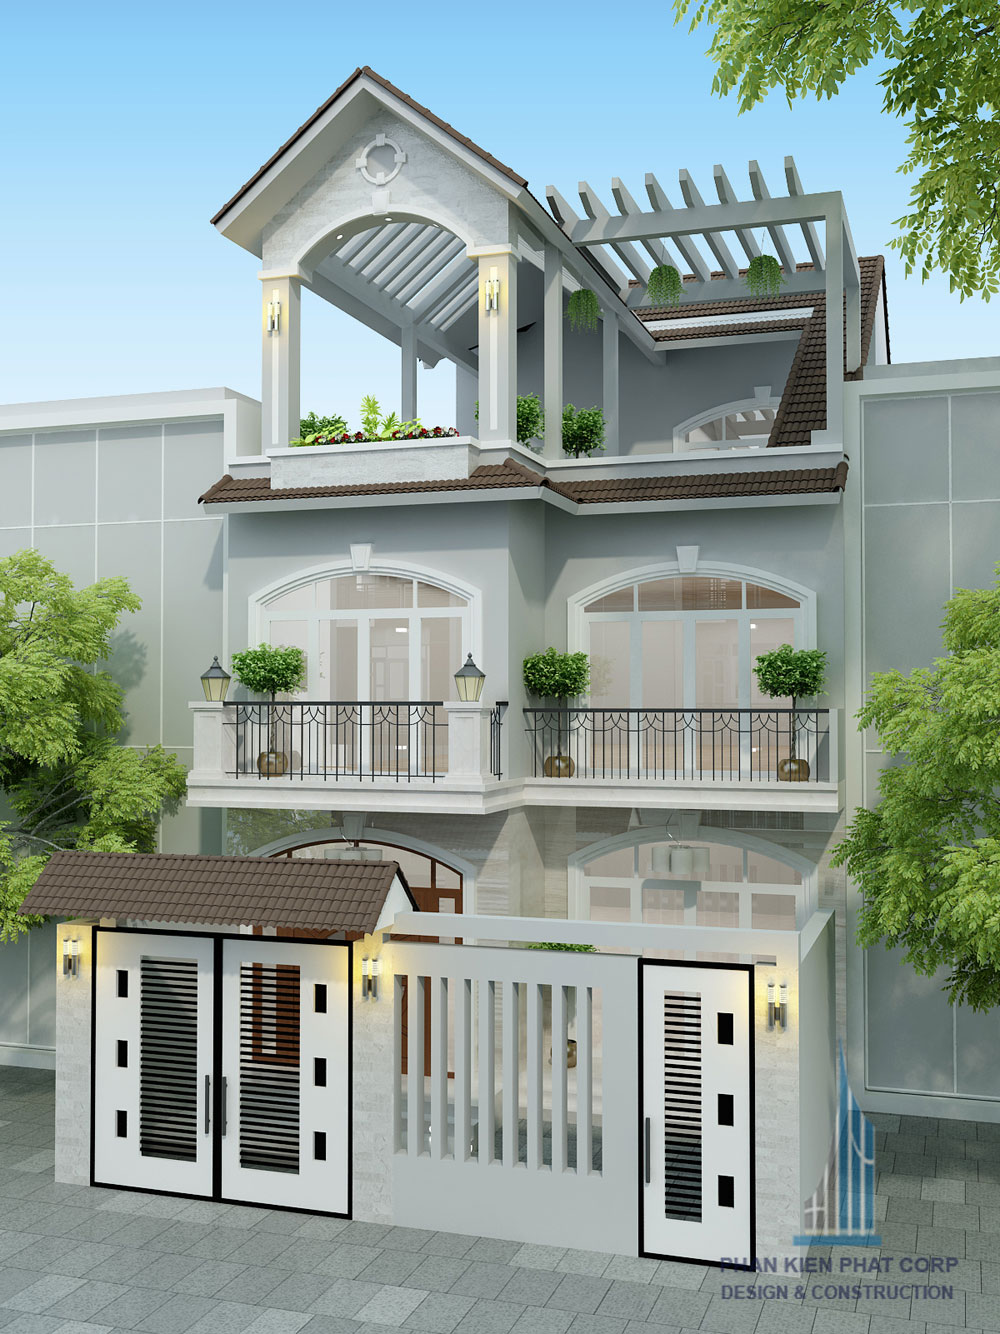 Công trình, Thiết kế xây dựng nhà phố, Anh Trần Thanh Vinh